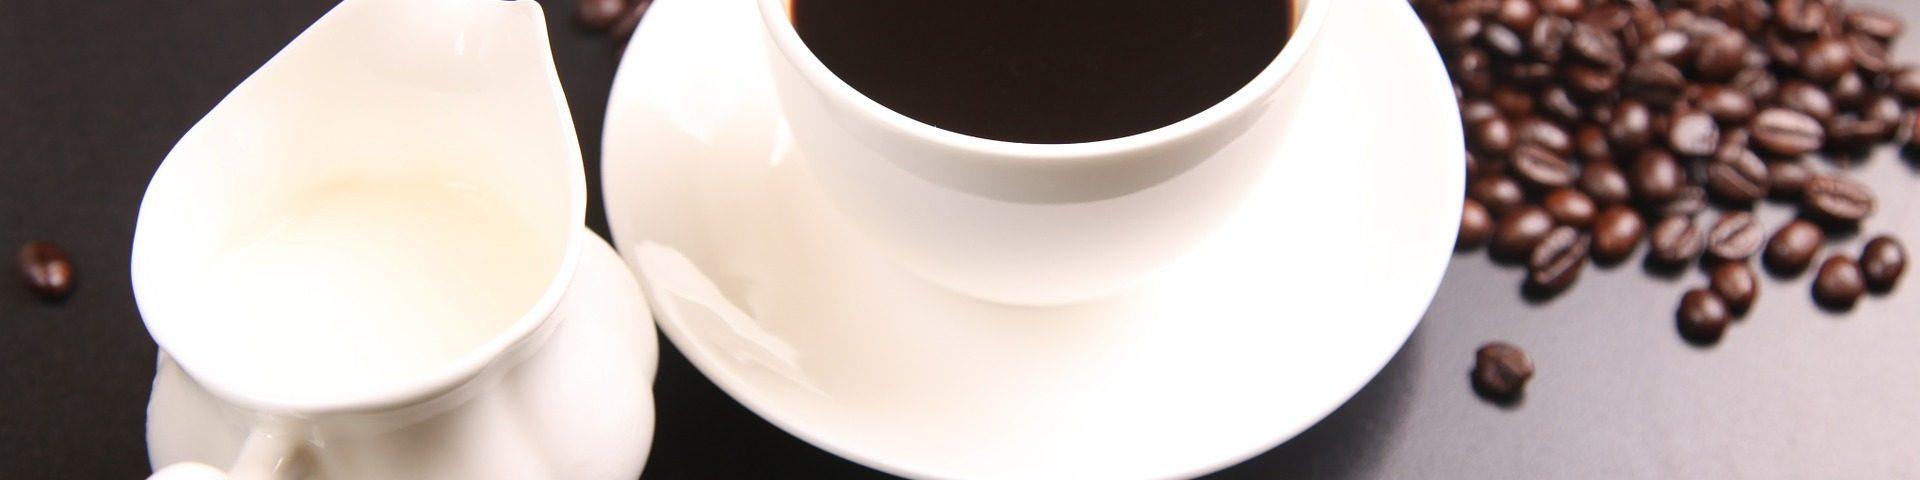 Kaffee ist in Maßen ist sinnvoll, zu viel davon kann jedoch schädlich wirken.